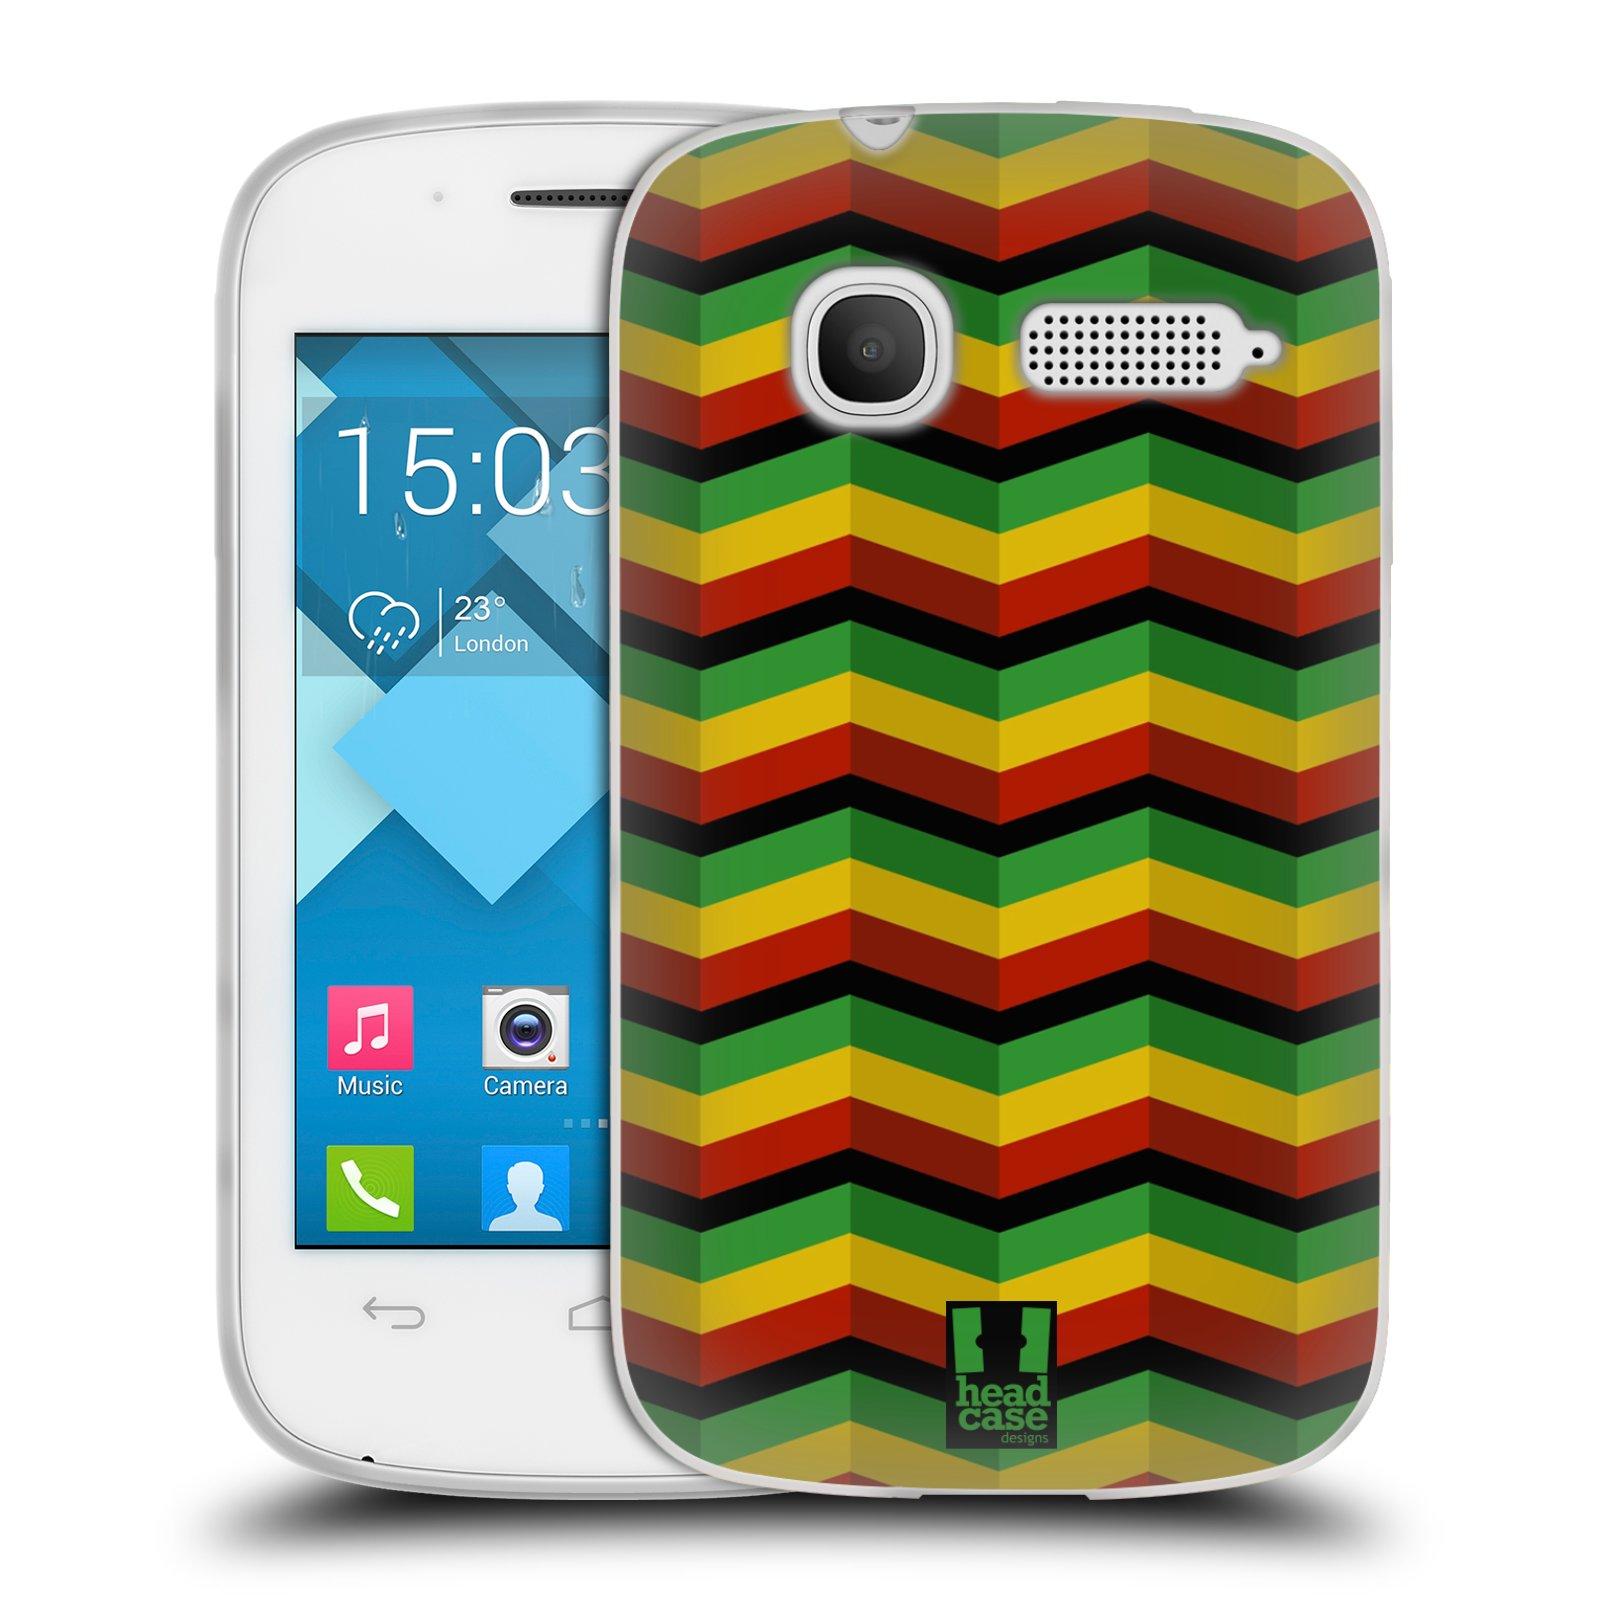 Silikonové pouzdro na mobil Alcatel One Touch Pop C1 HEAD CASE RASTA CHEVRON (Silikonový kryt či obal na mobilní telefon Alcatel OT-4015D POP C1)